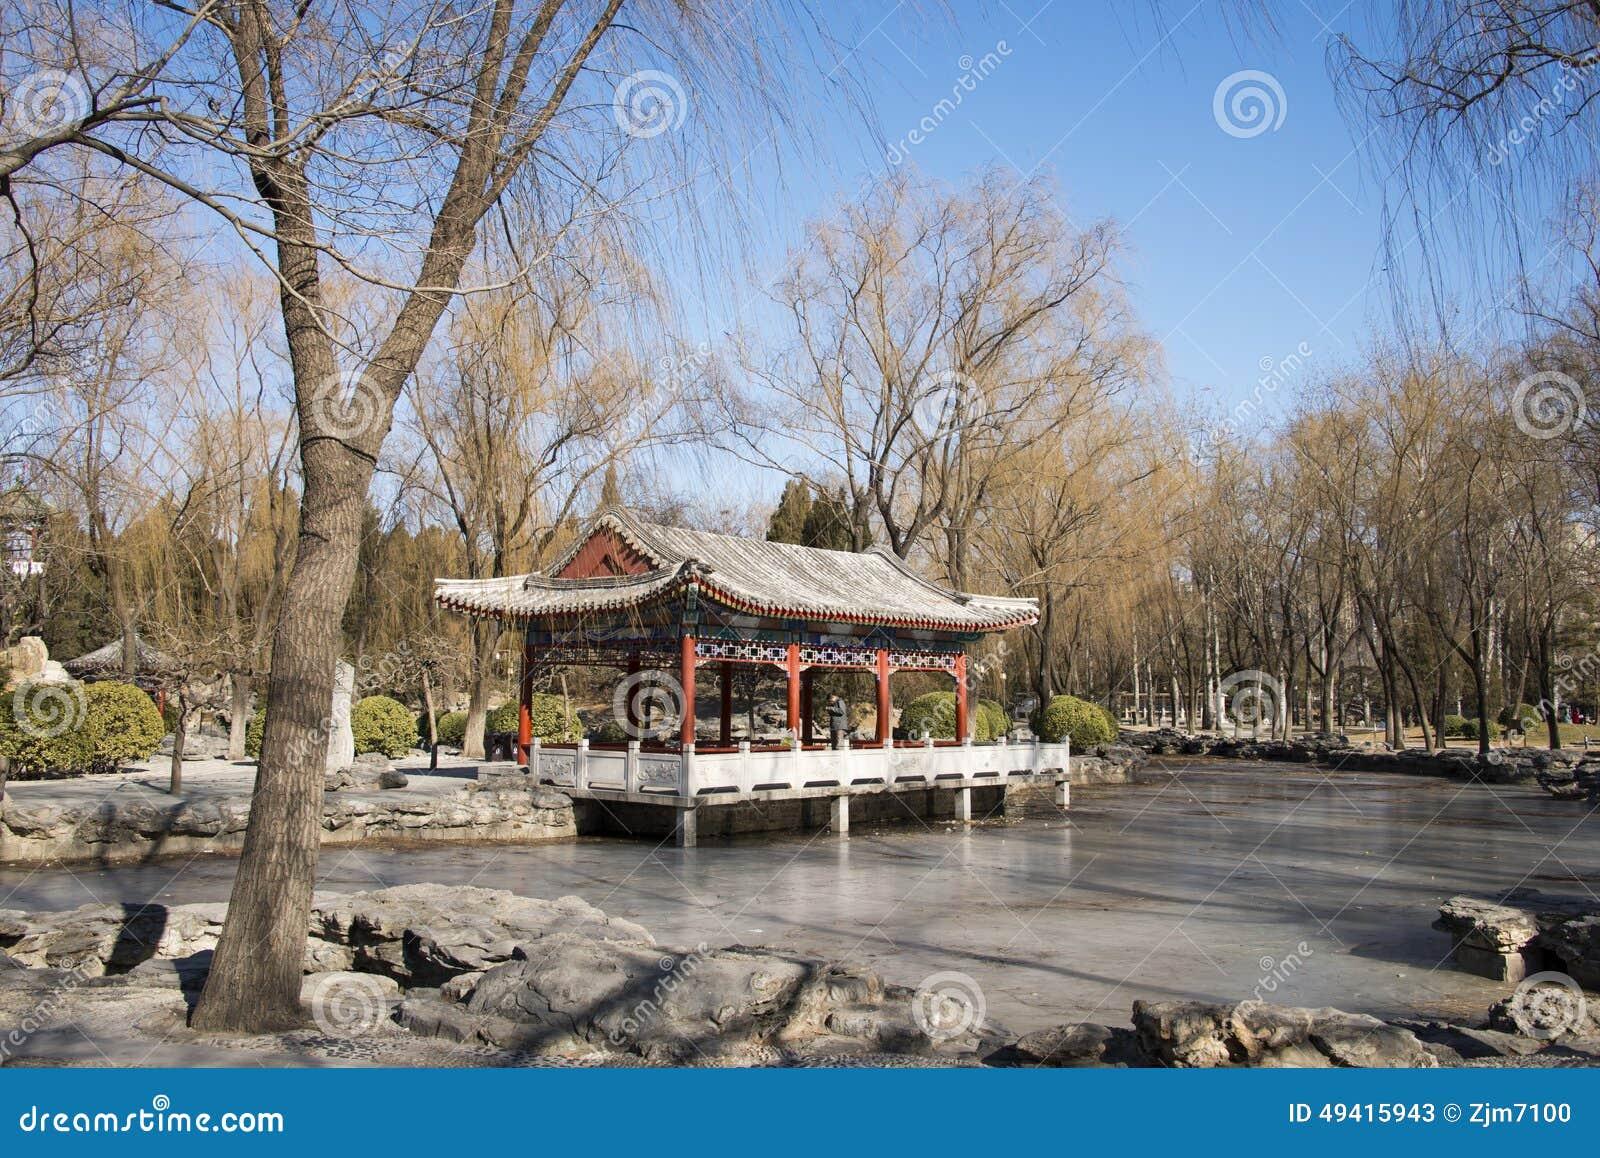 Download Asiat China, Peking, Ritan-Park Redaktionelles Stockfoto - Bild von landschaft, pavillion: 49415943